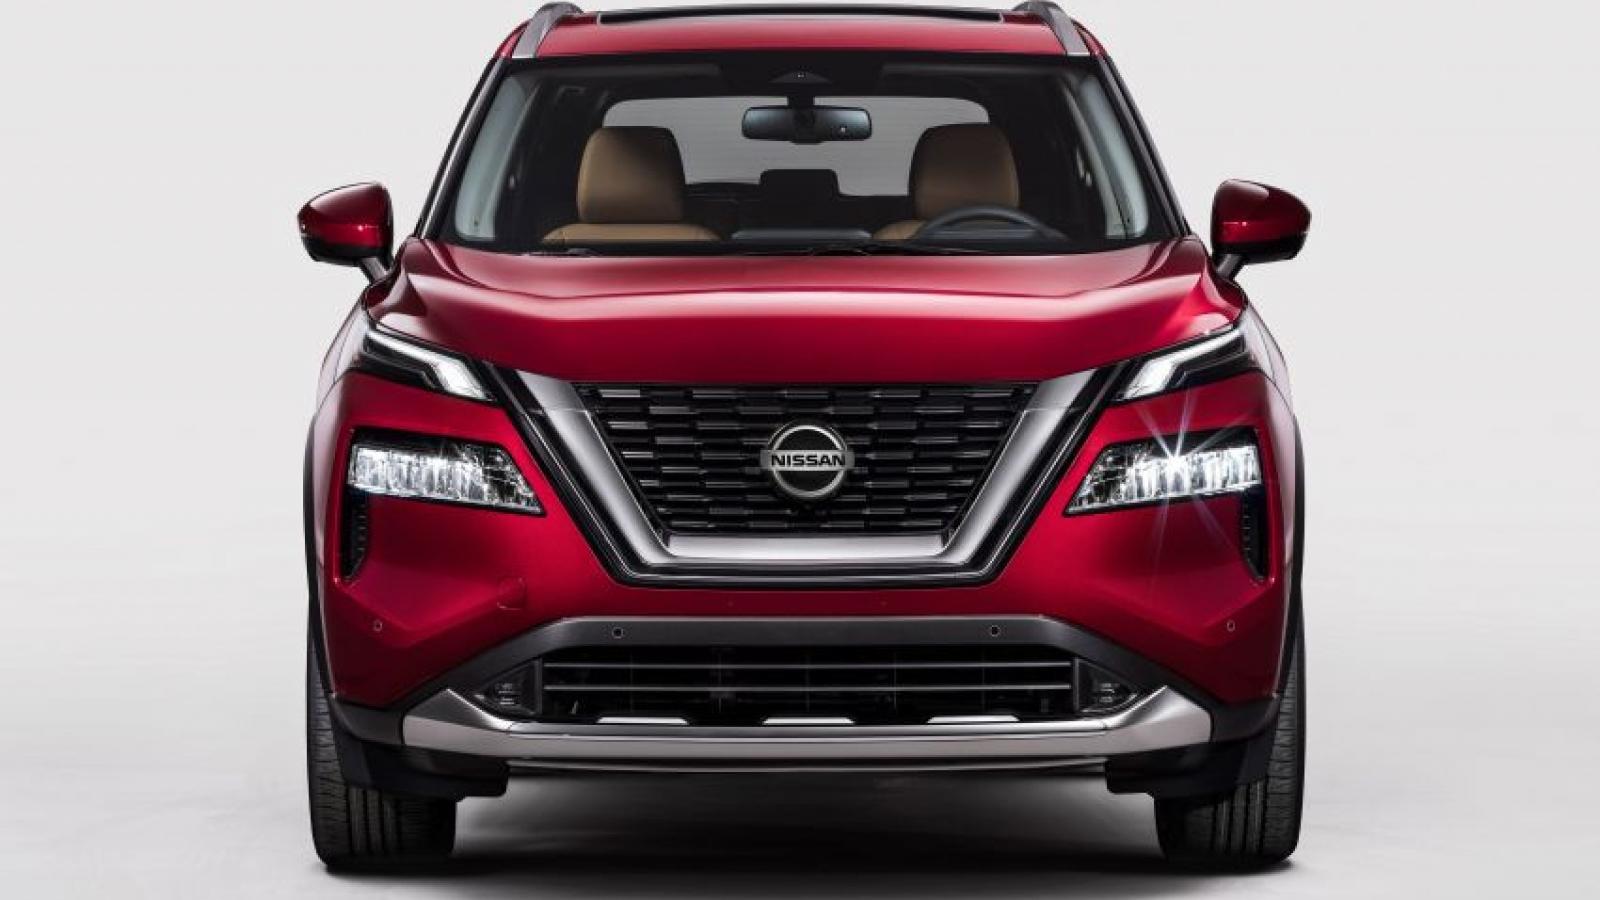 Nissan X-Trail 2021 sẽ có thêm phiên bản mới với động cơ 1.5L Turbo